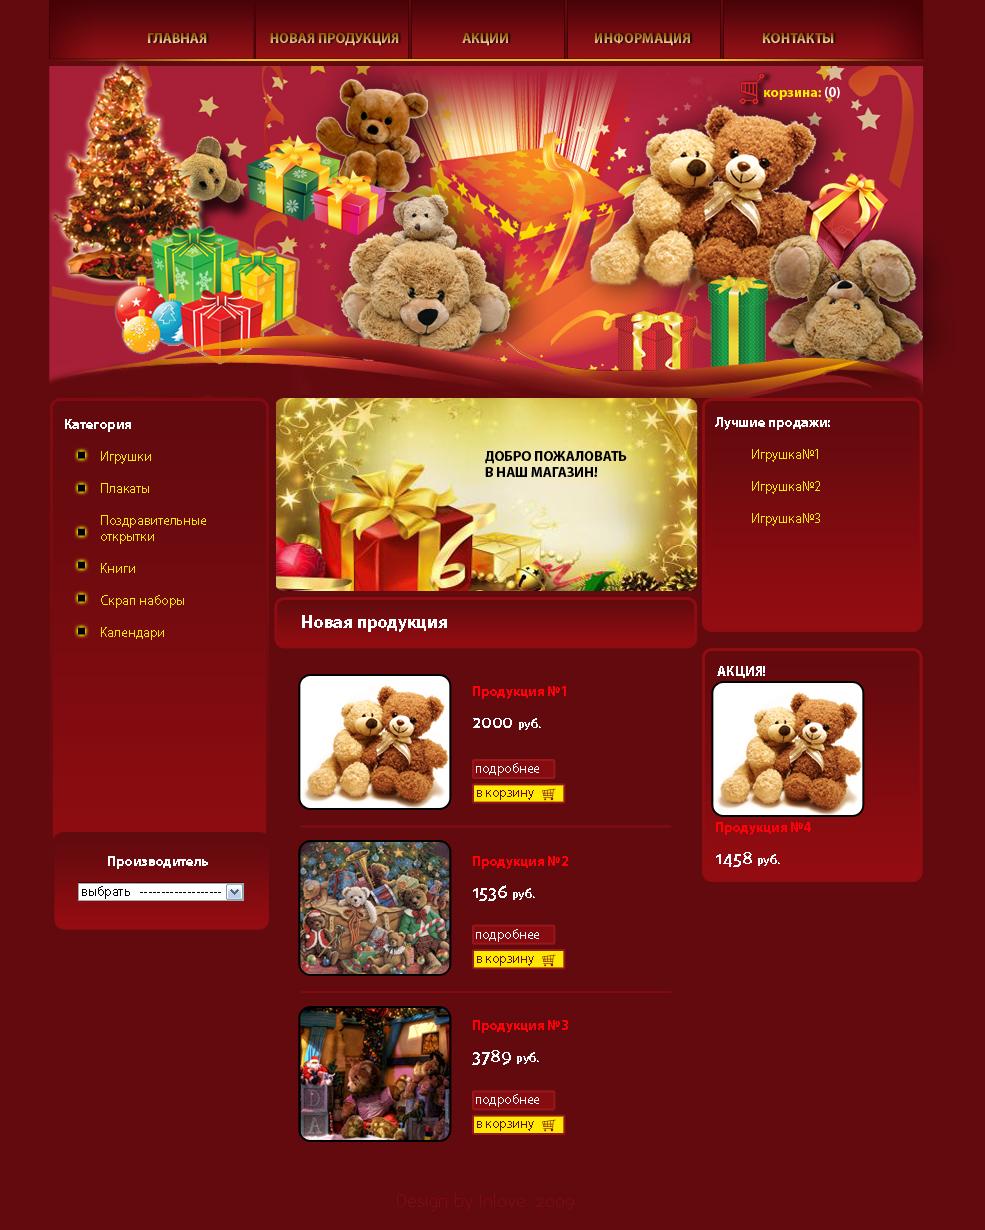 Какие подарки выбрать на Новый год 2015 - t 73